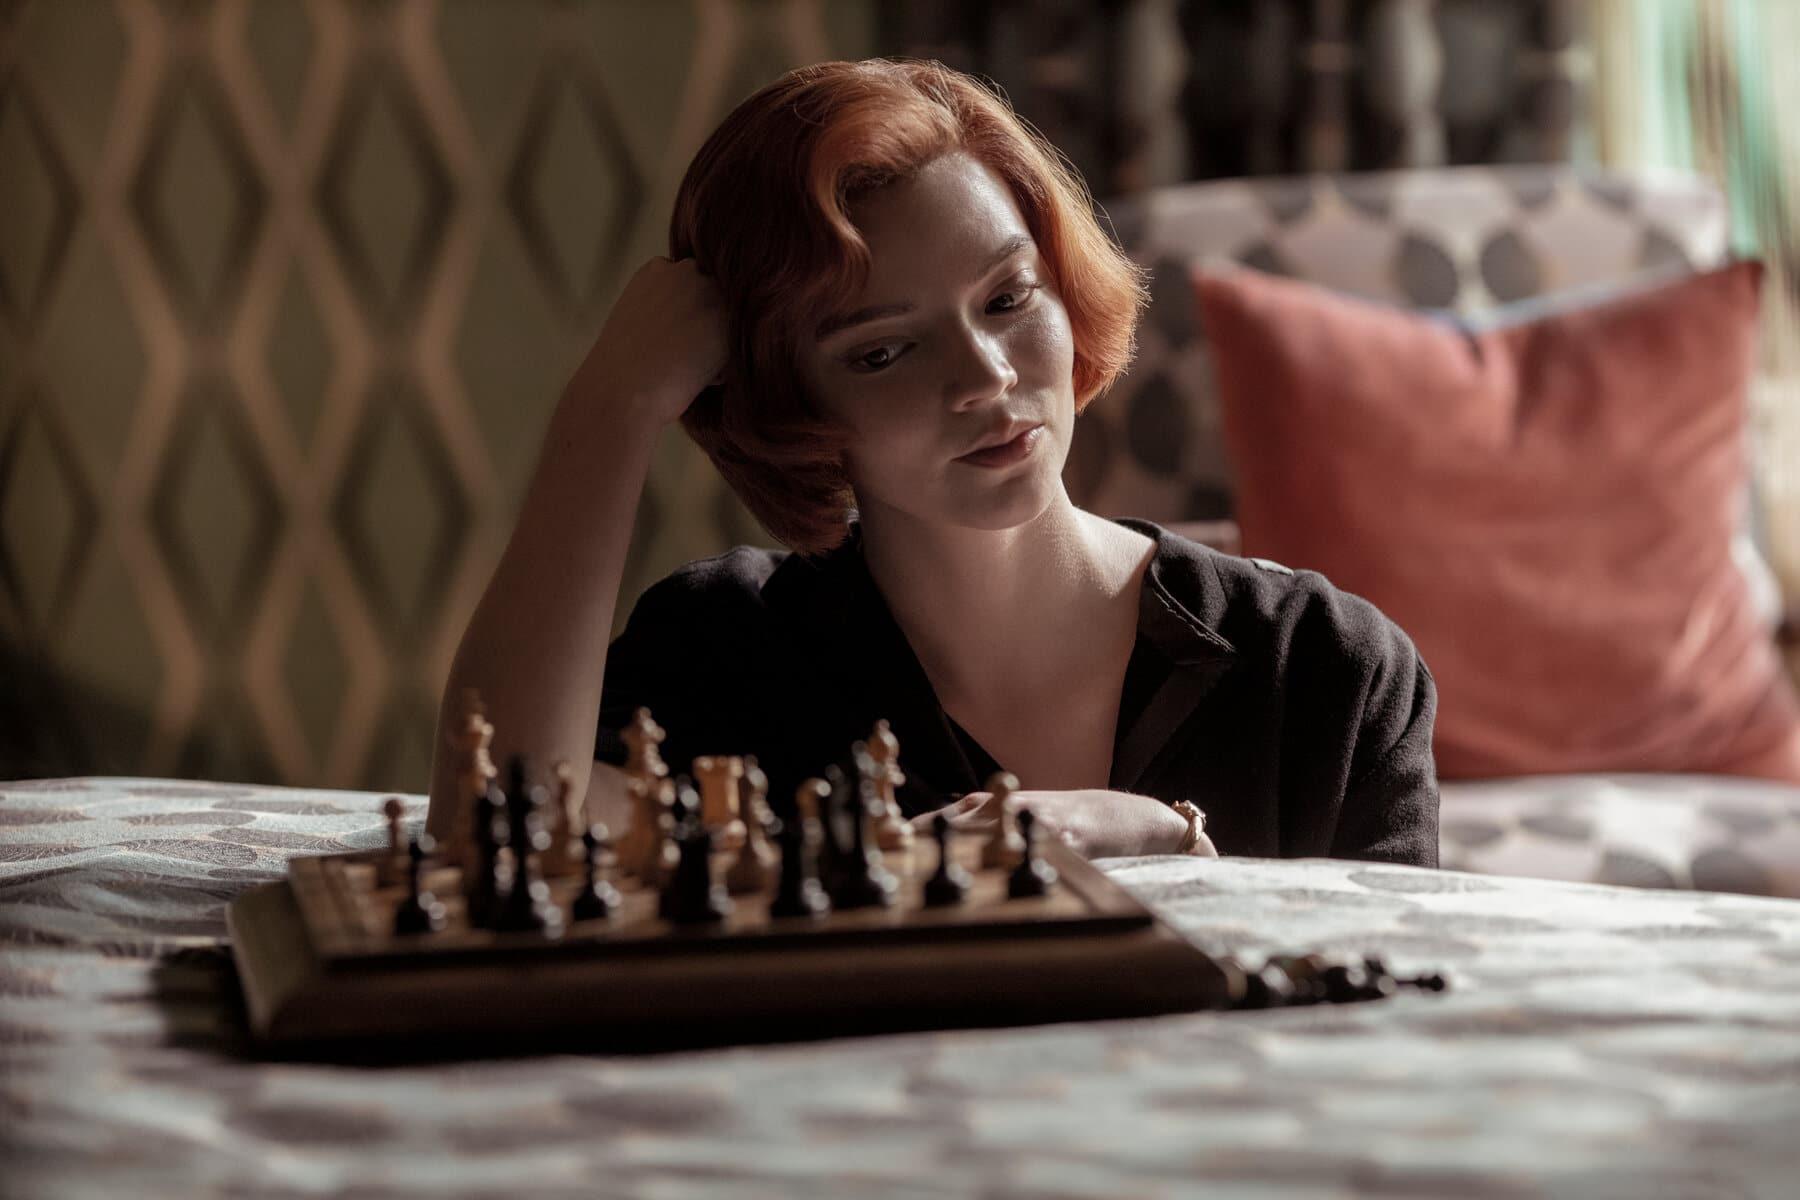 La regina degli scacchi recensione serie TV Netflix con Anya Taylor-Joy